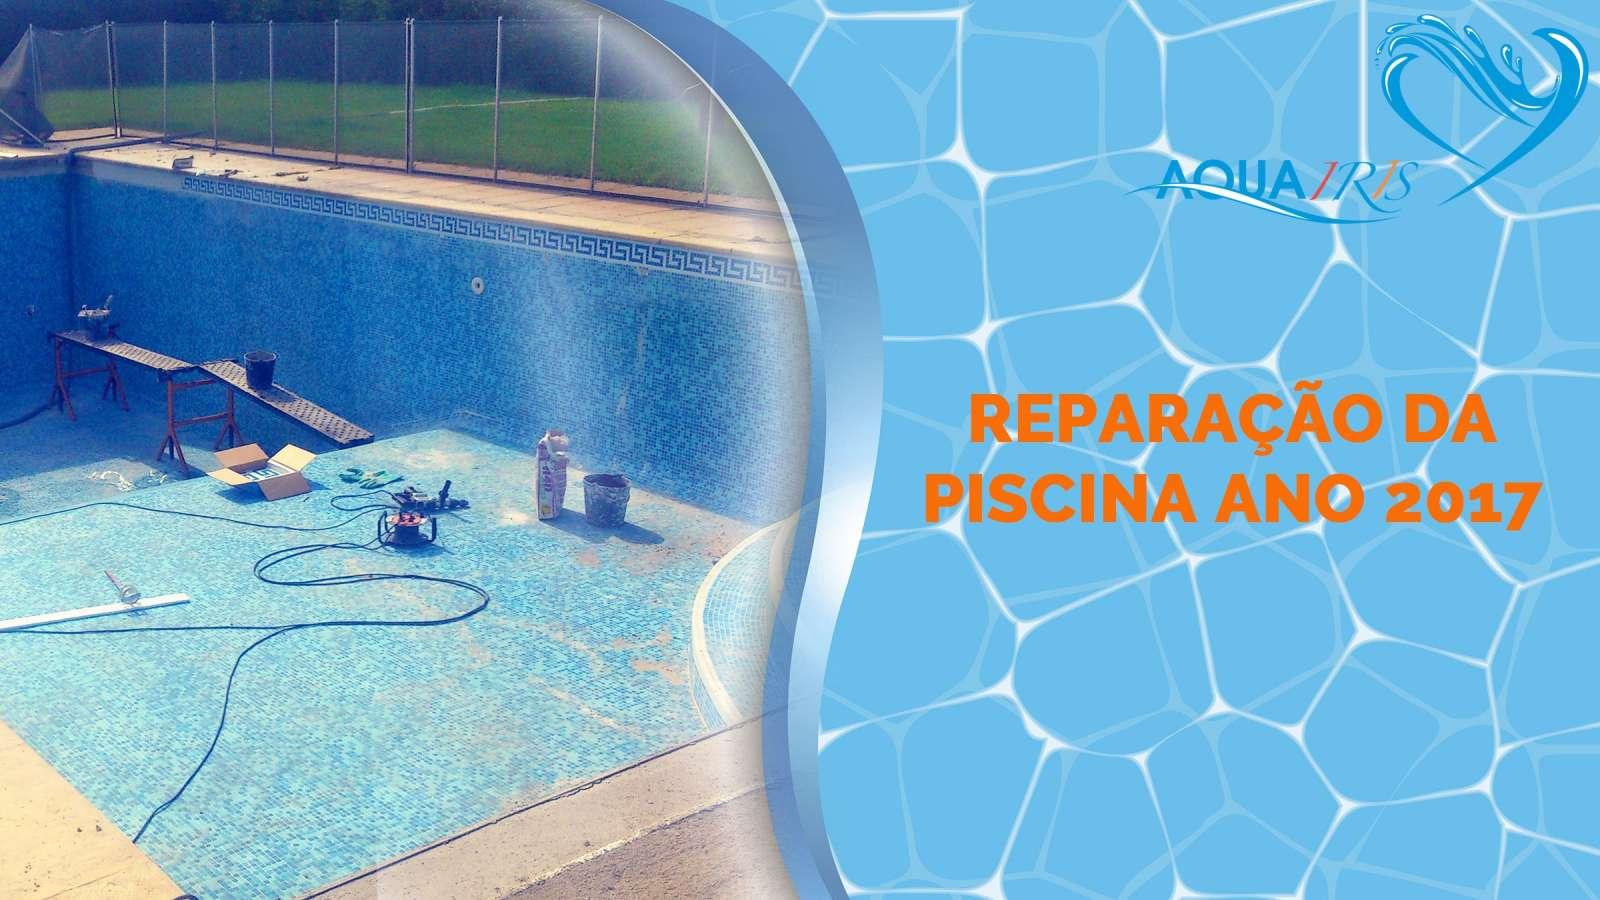 Repara o da piscina em benavente servi os de repara o for Piscinas benavente